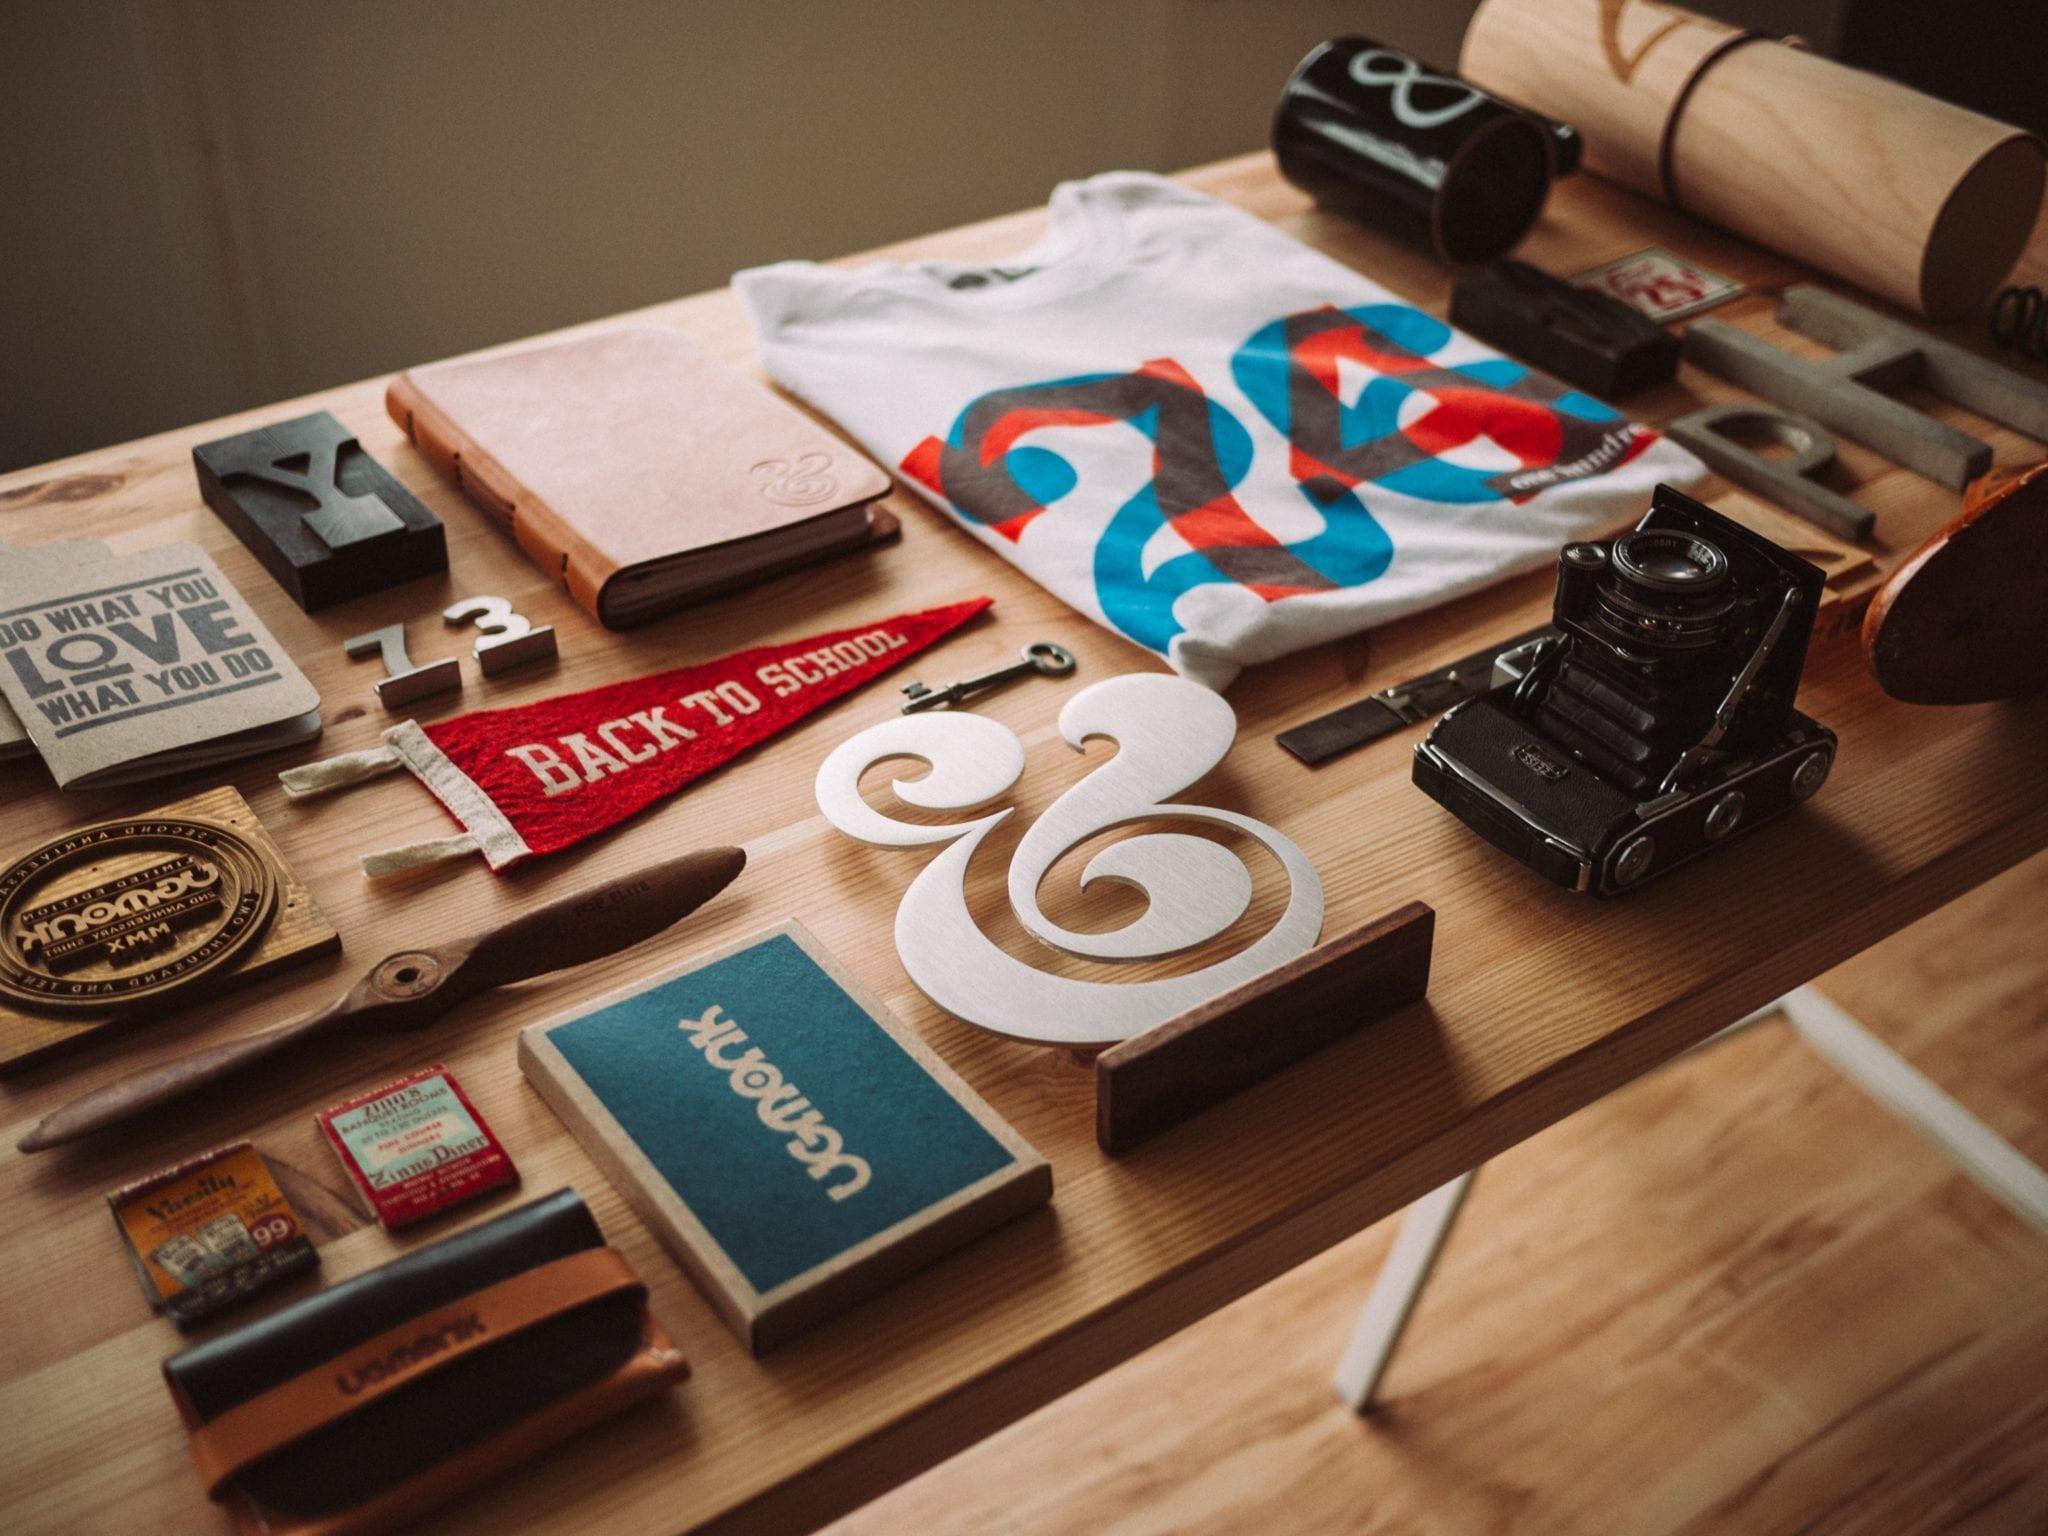 ¿Cuáles Son Las Estrategias De Branding Para Marcas? 2heart